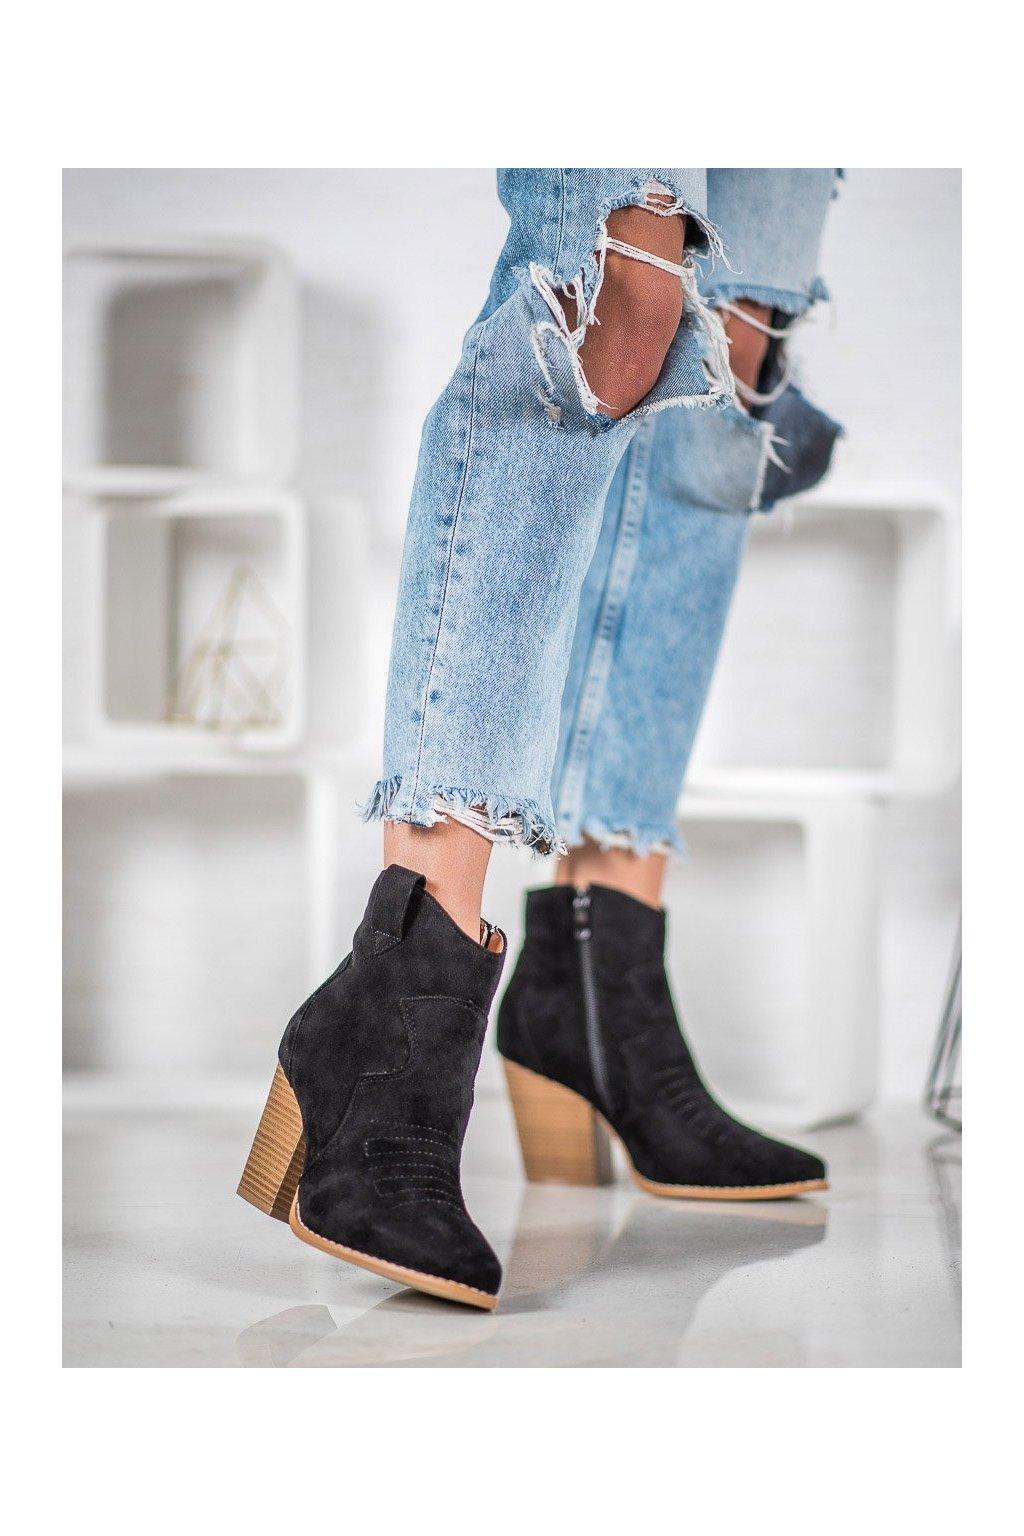 Čierne dámske topánky Bella paris kod A5602B